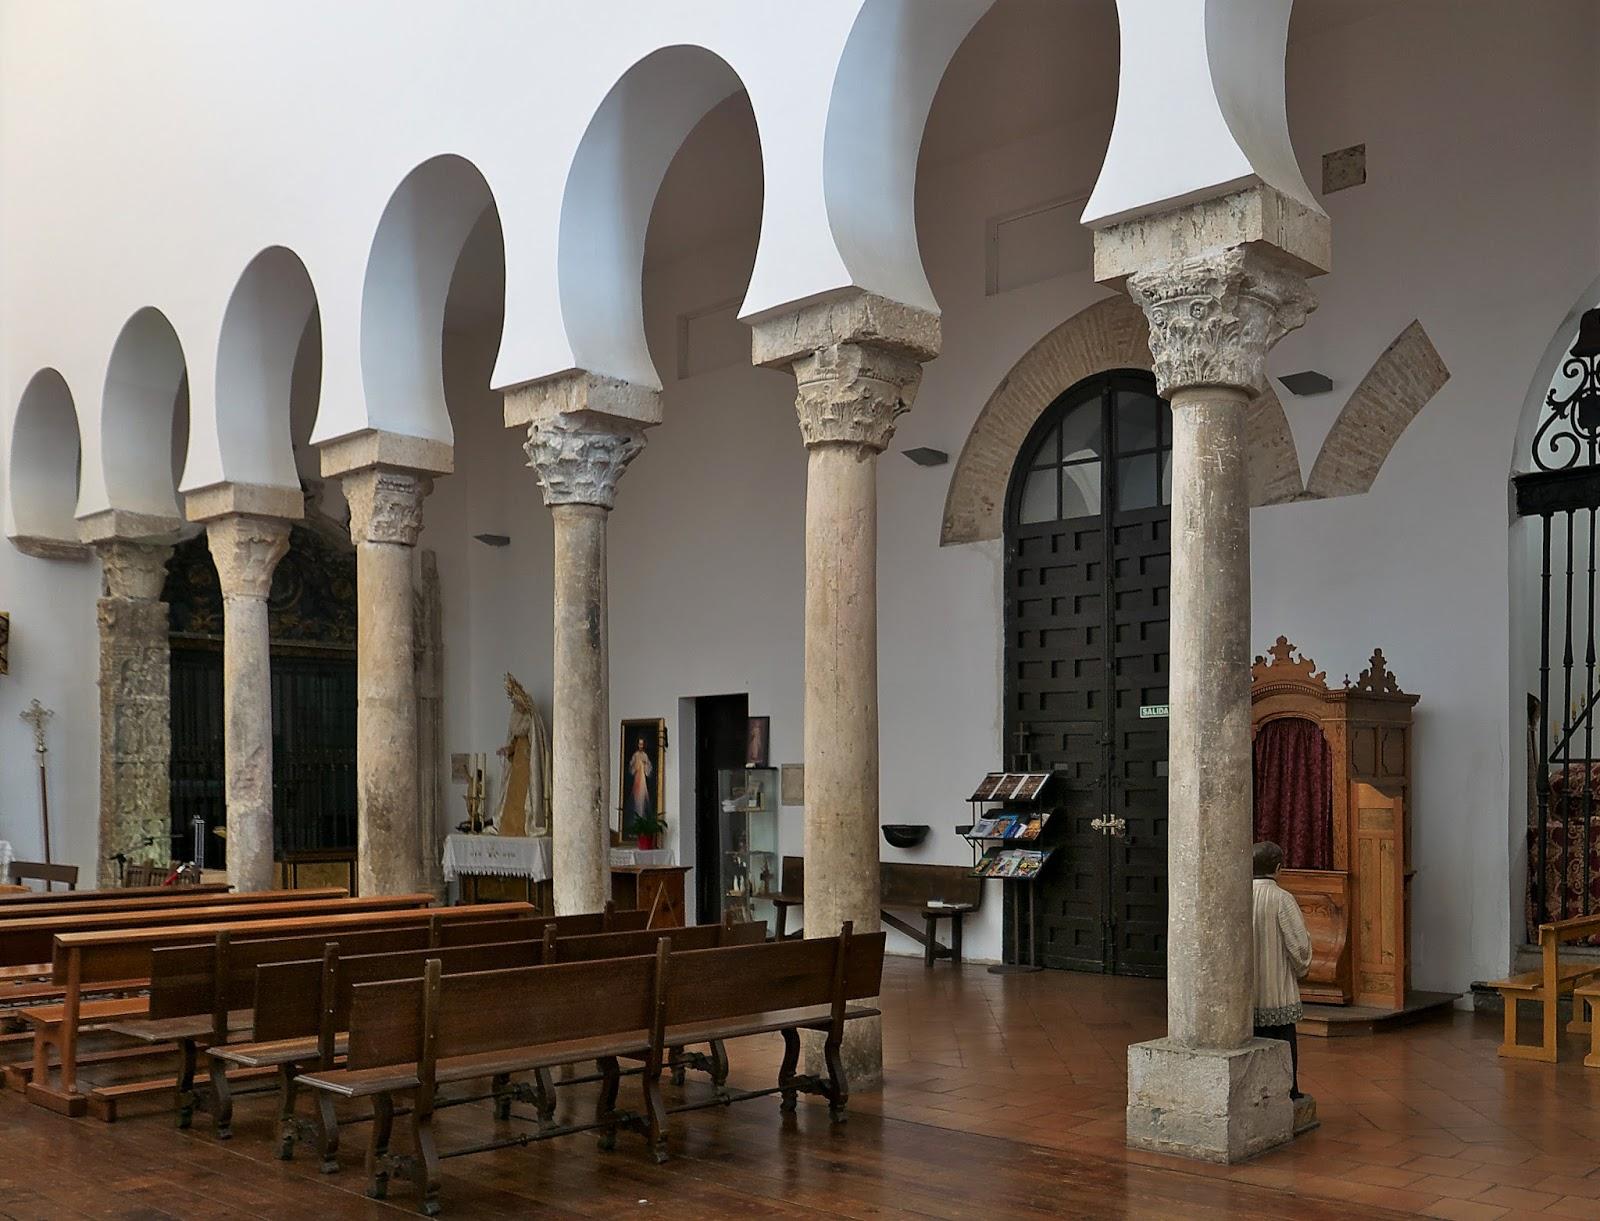 Arte e iconograf a for Pilares y columnas